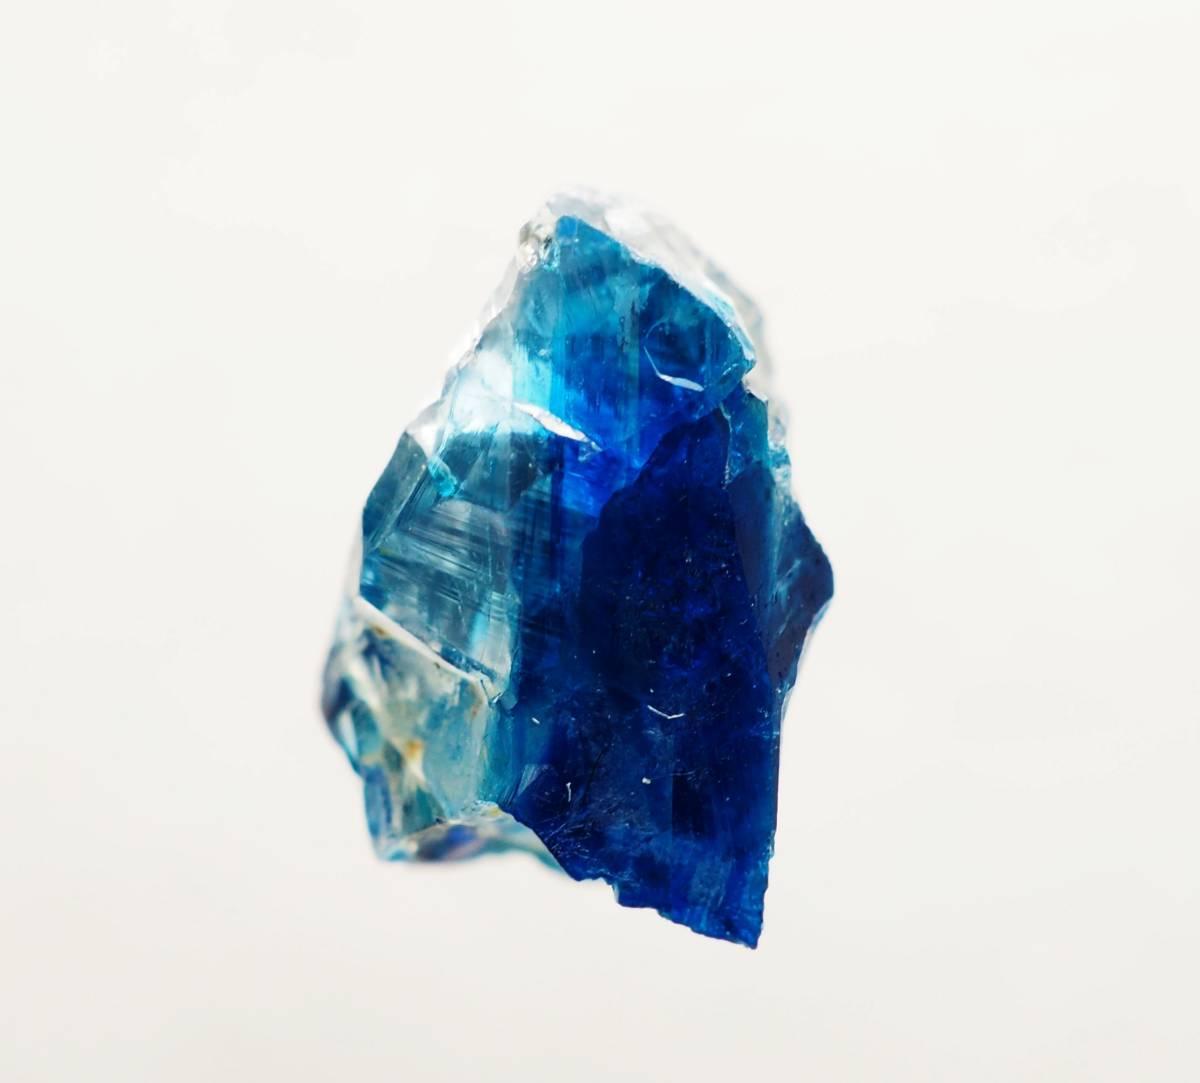 宝石質 ジンバブエ産 ユークレース ハイグレード 深く透明なブルーライン_画像8